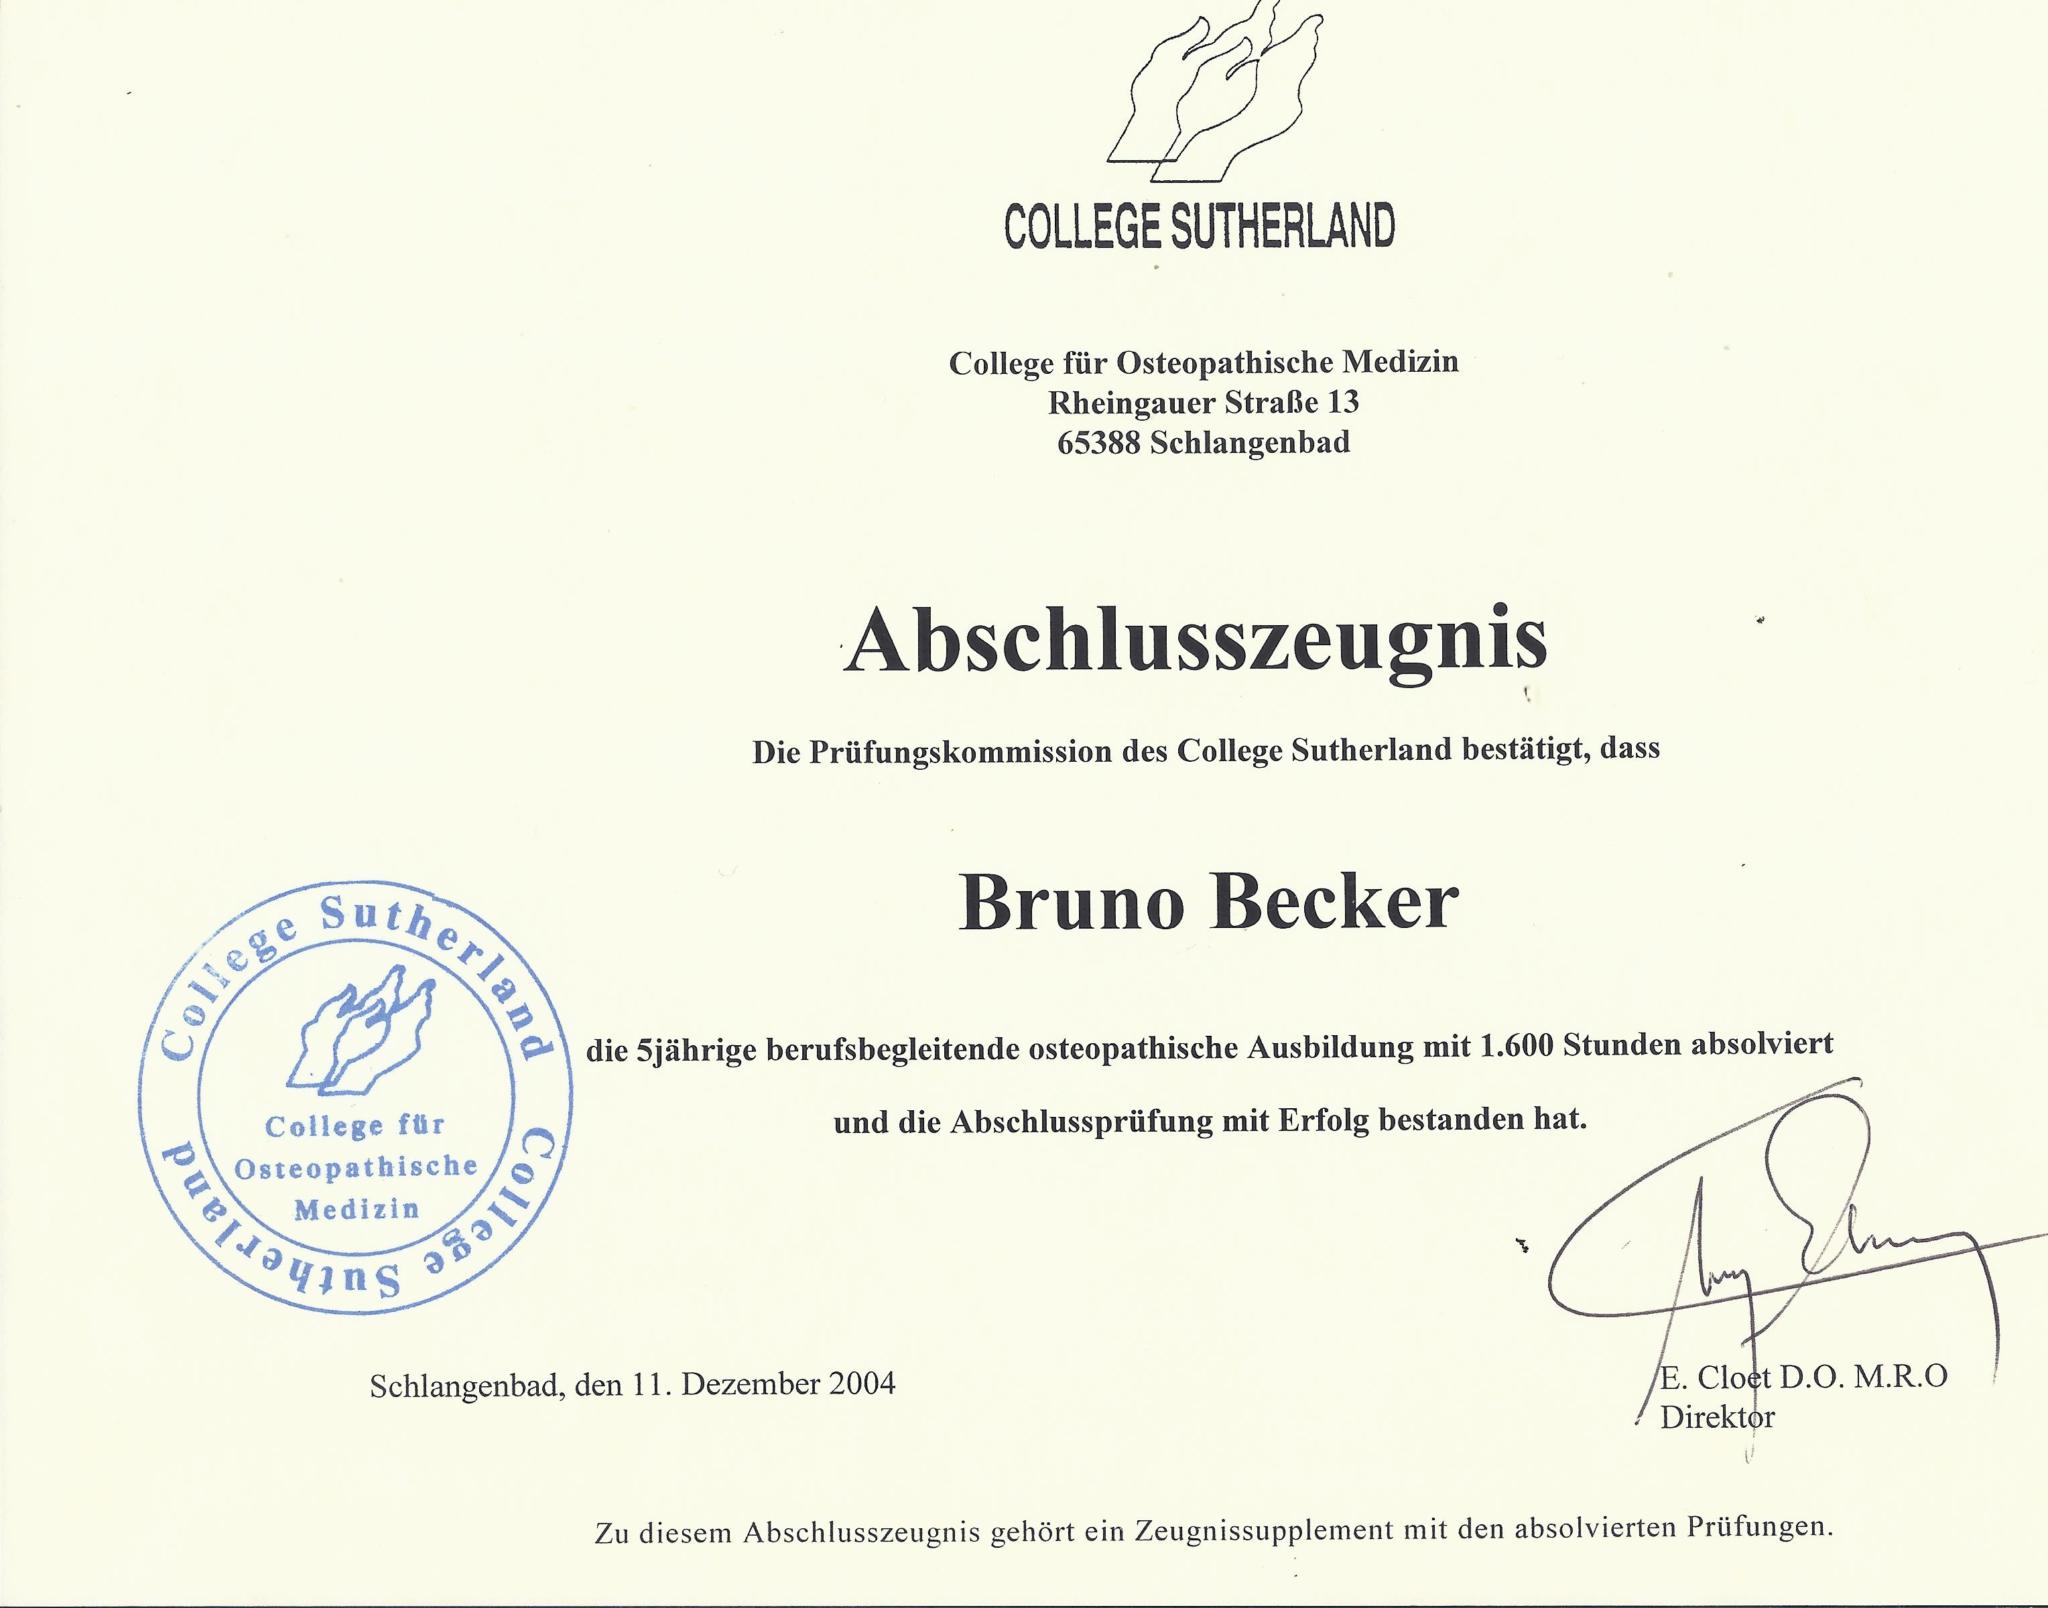 Bruno Becker Osteopathie College Sutherland